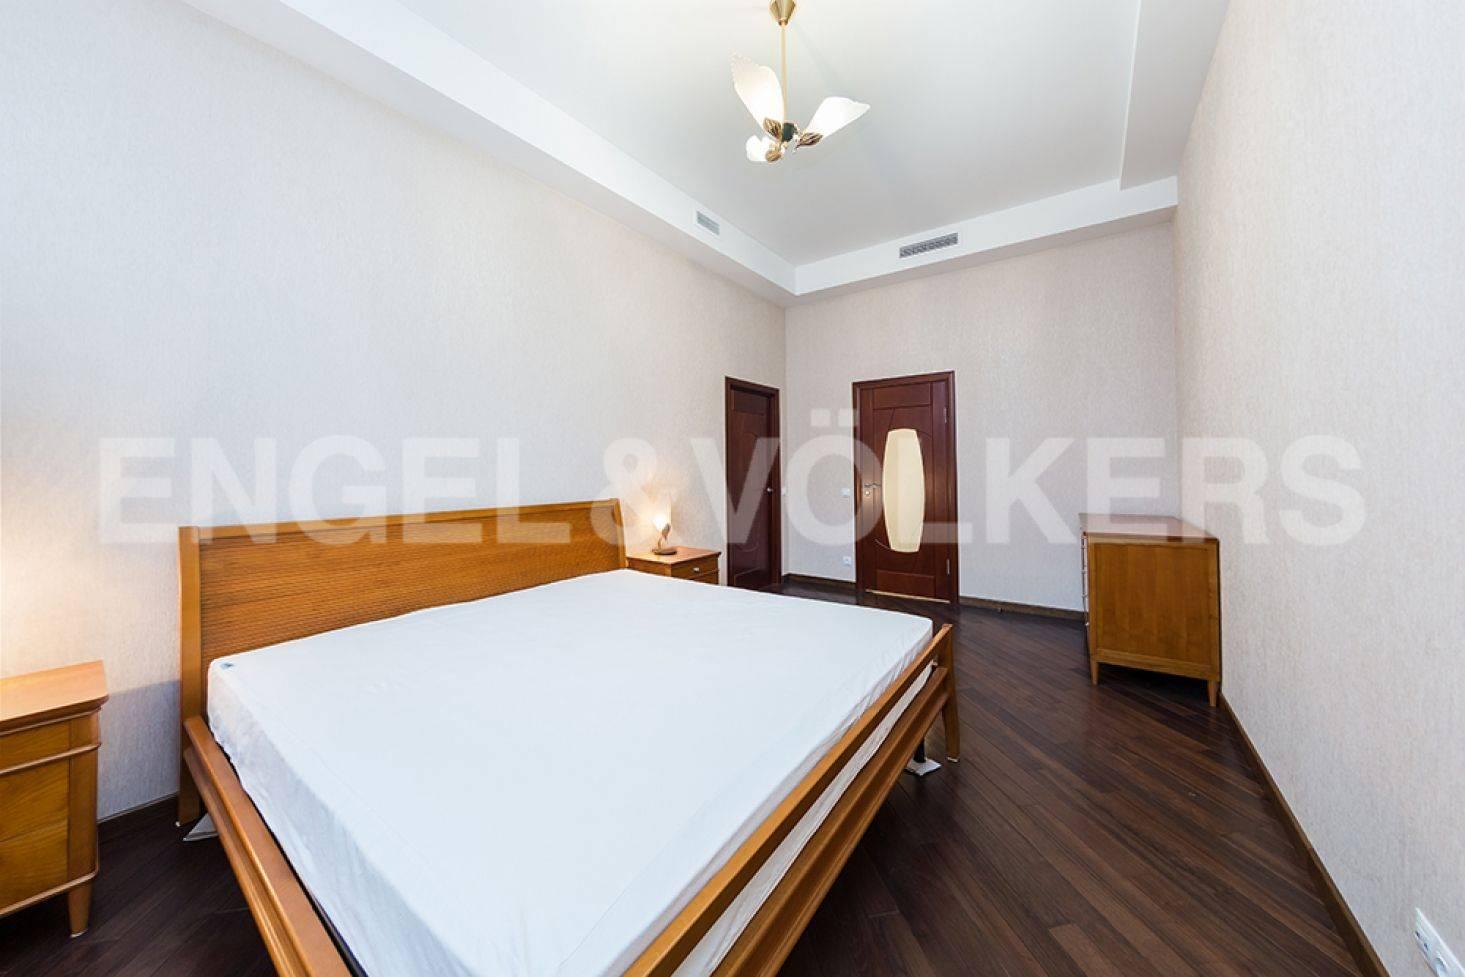 Элитные квартиры в Центральный р-н. Санкт-Петербург, ул. Восстания 8А . Спальня с собственной ванной комнатой